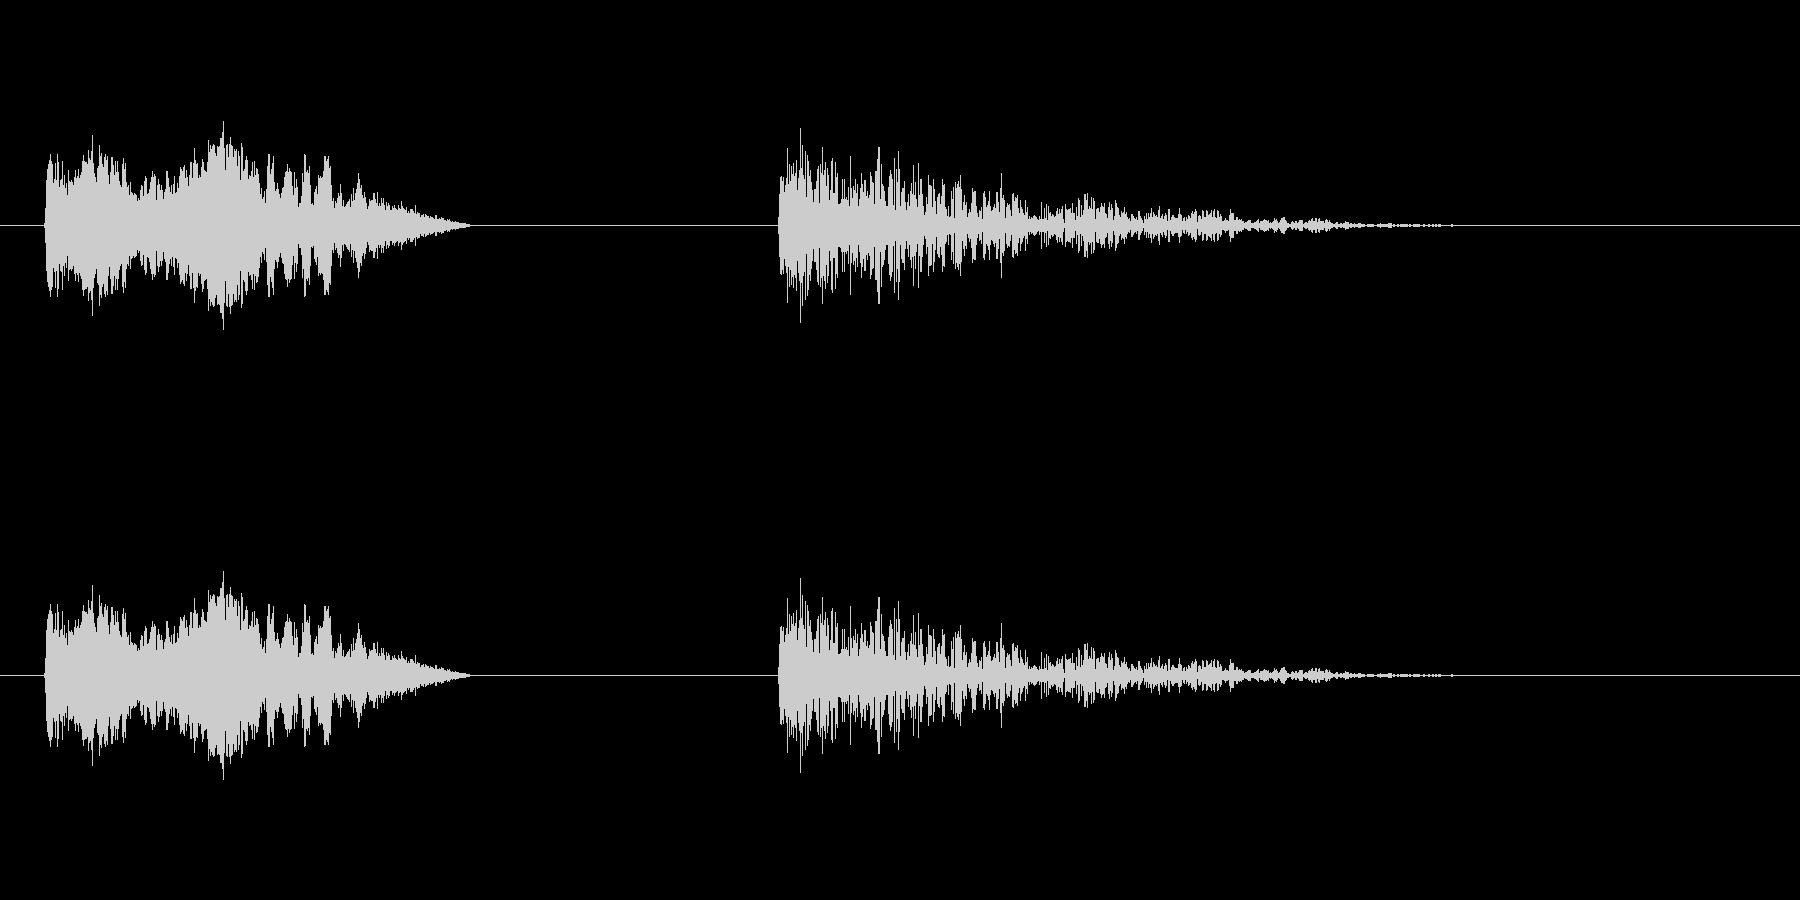 爆発5 2の未再生の波形